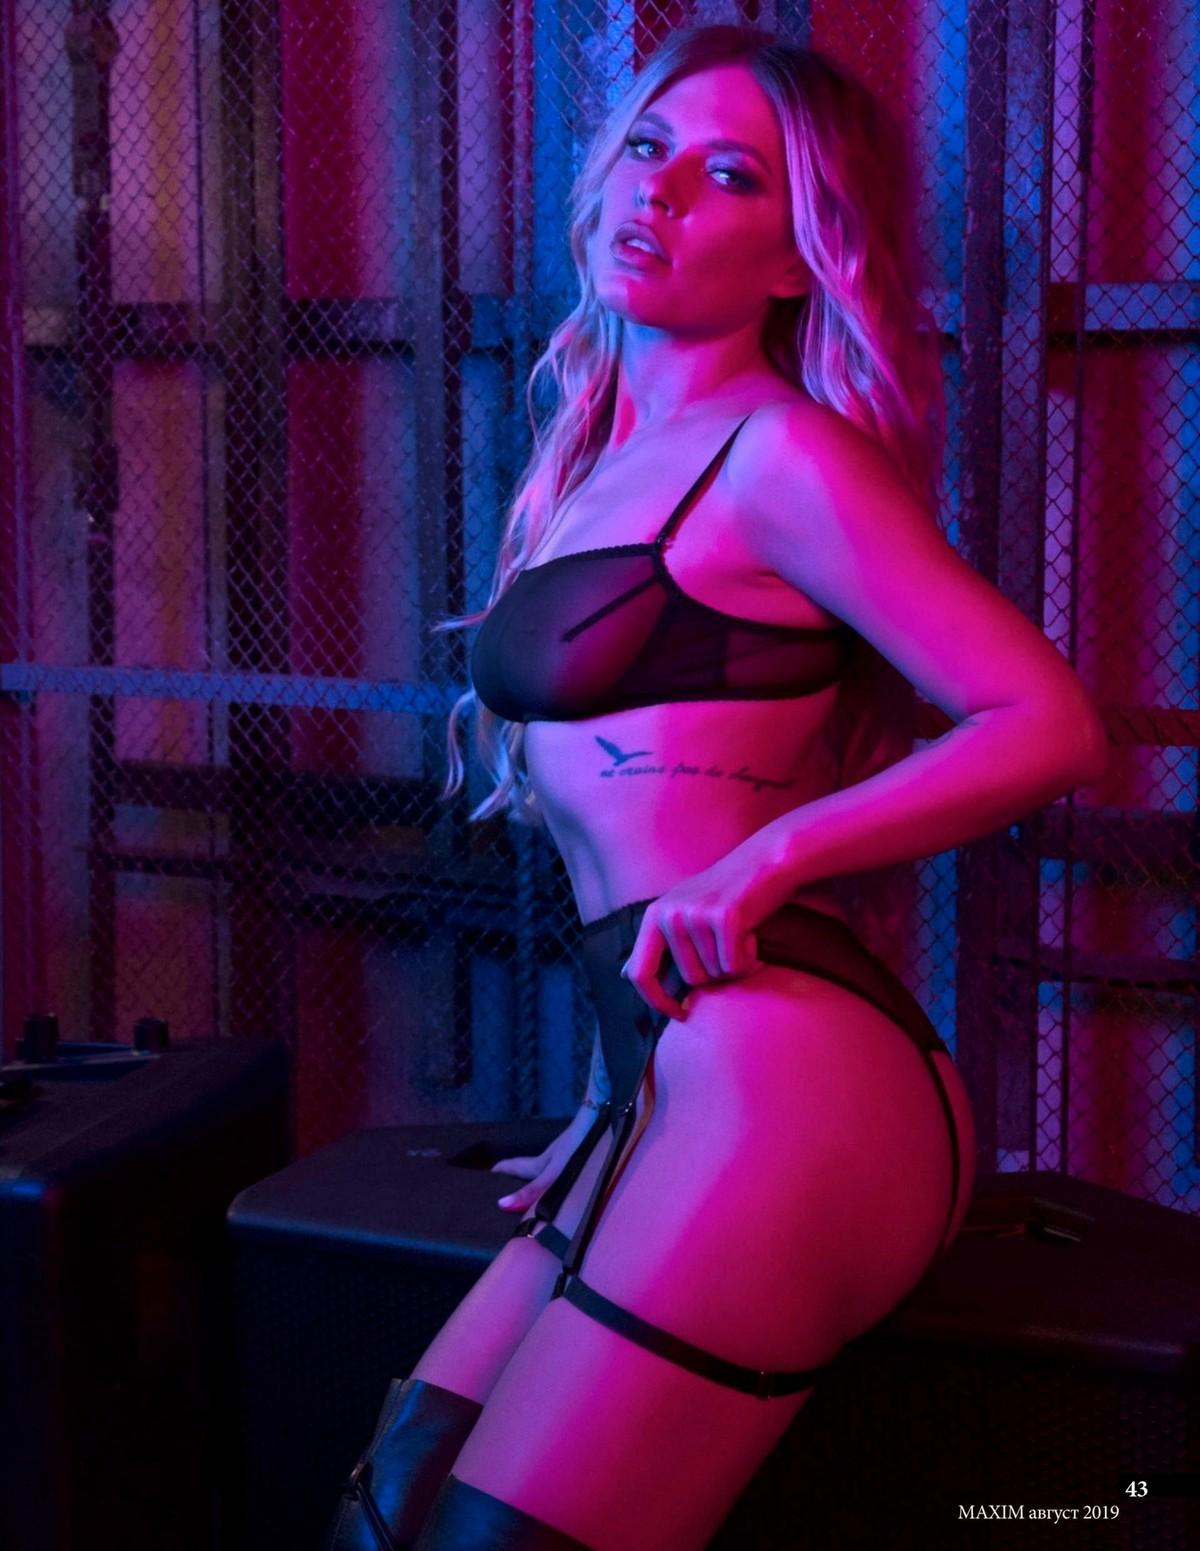 Рита Дакота показала свои голые снимки и фото в нижнем белье